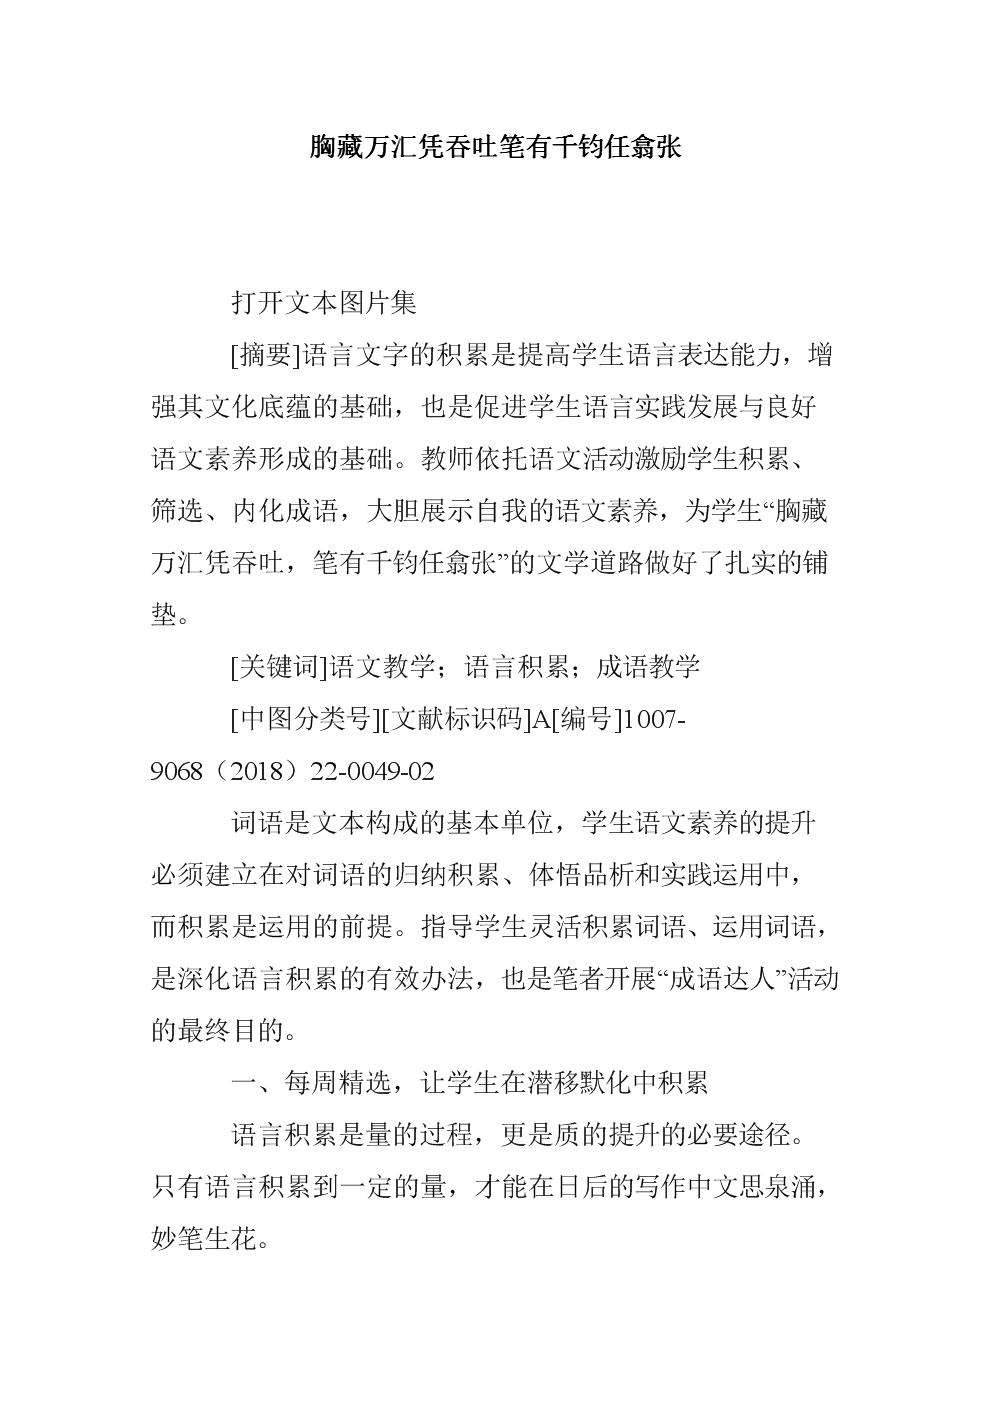 胸藏万汇凭吞吐笔有千钧任翕张.doc